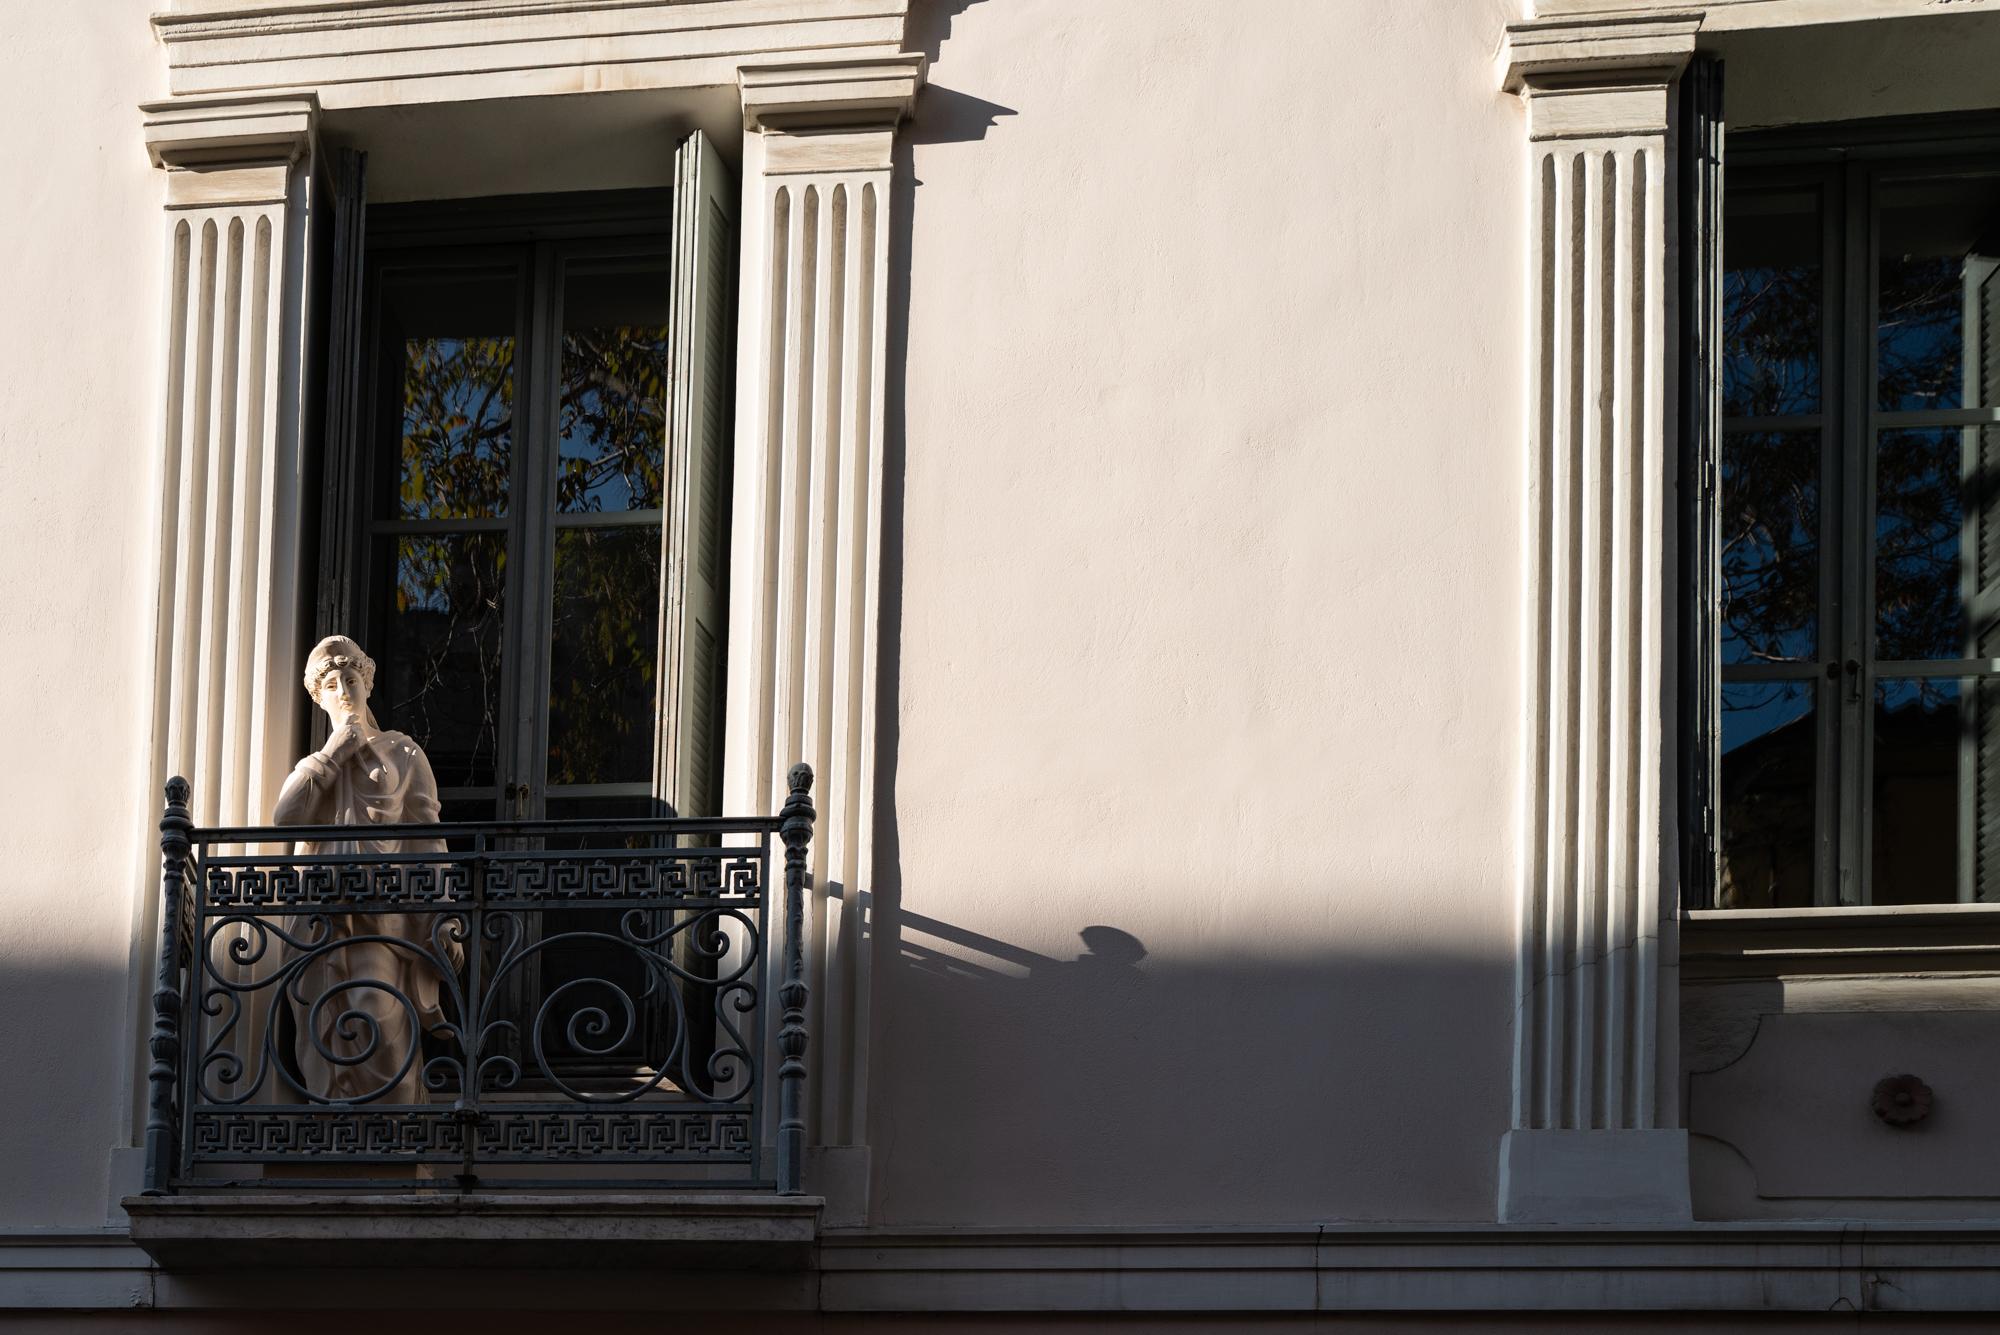 Statue in a window in Plaka